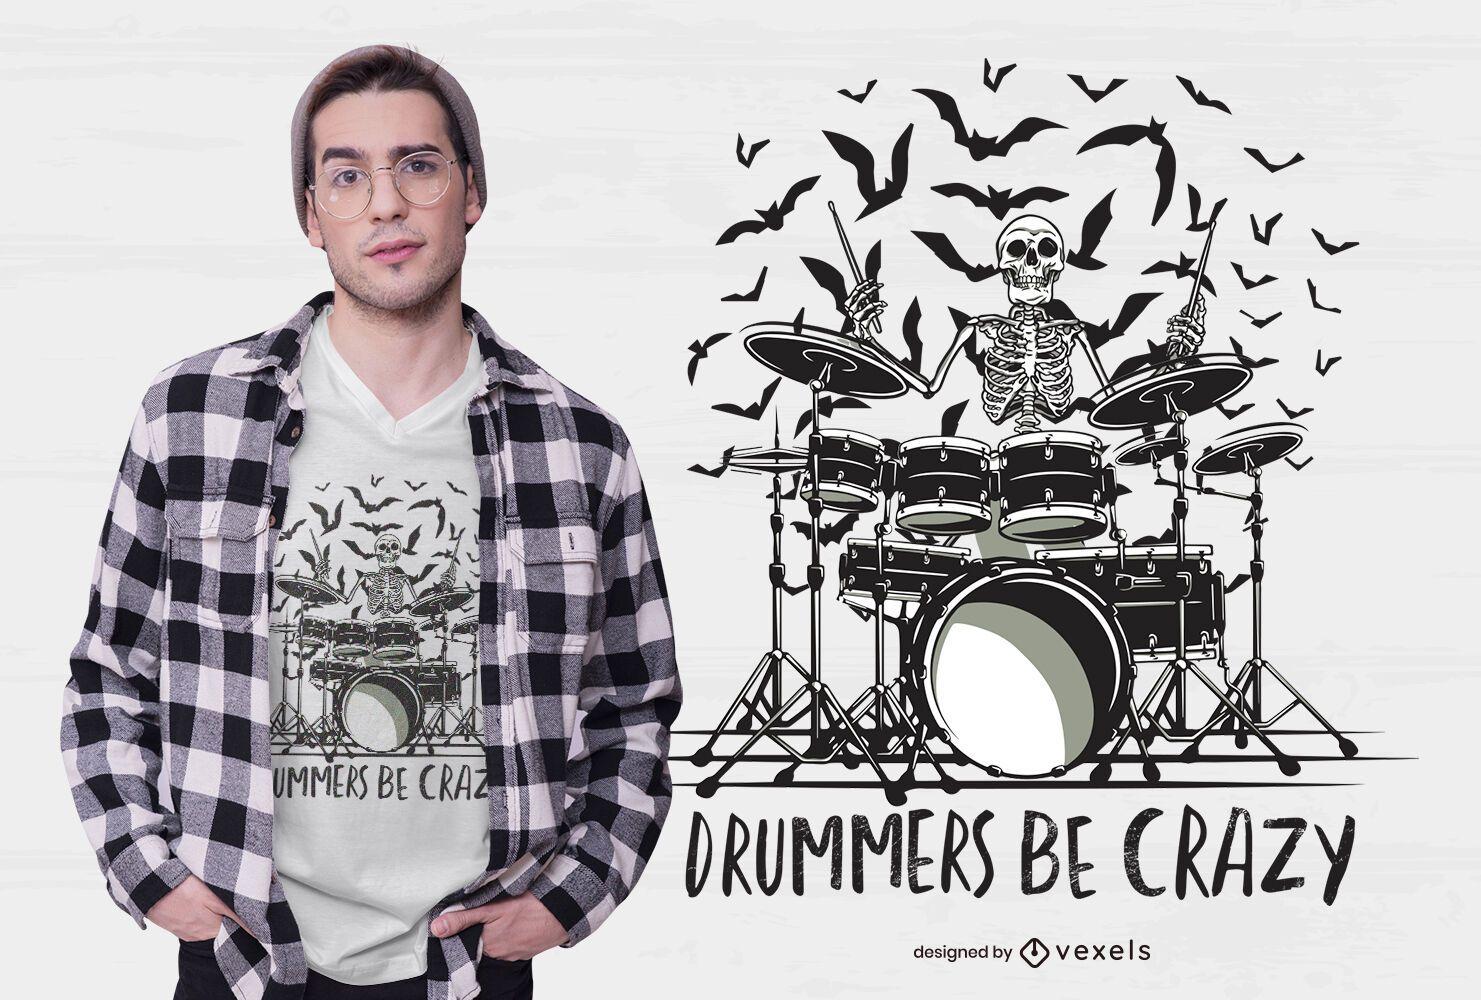 Drummers be crazy diseño de camiseta